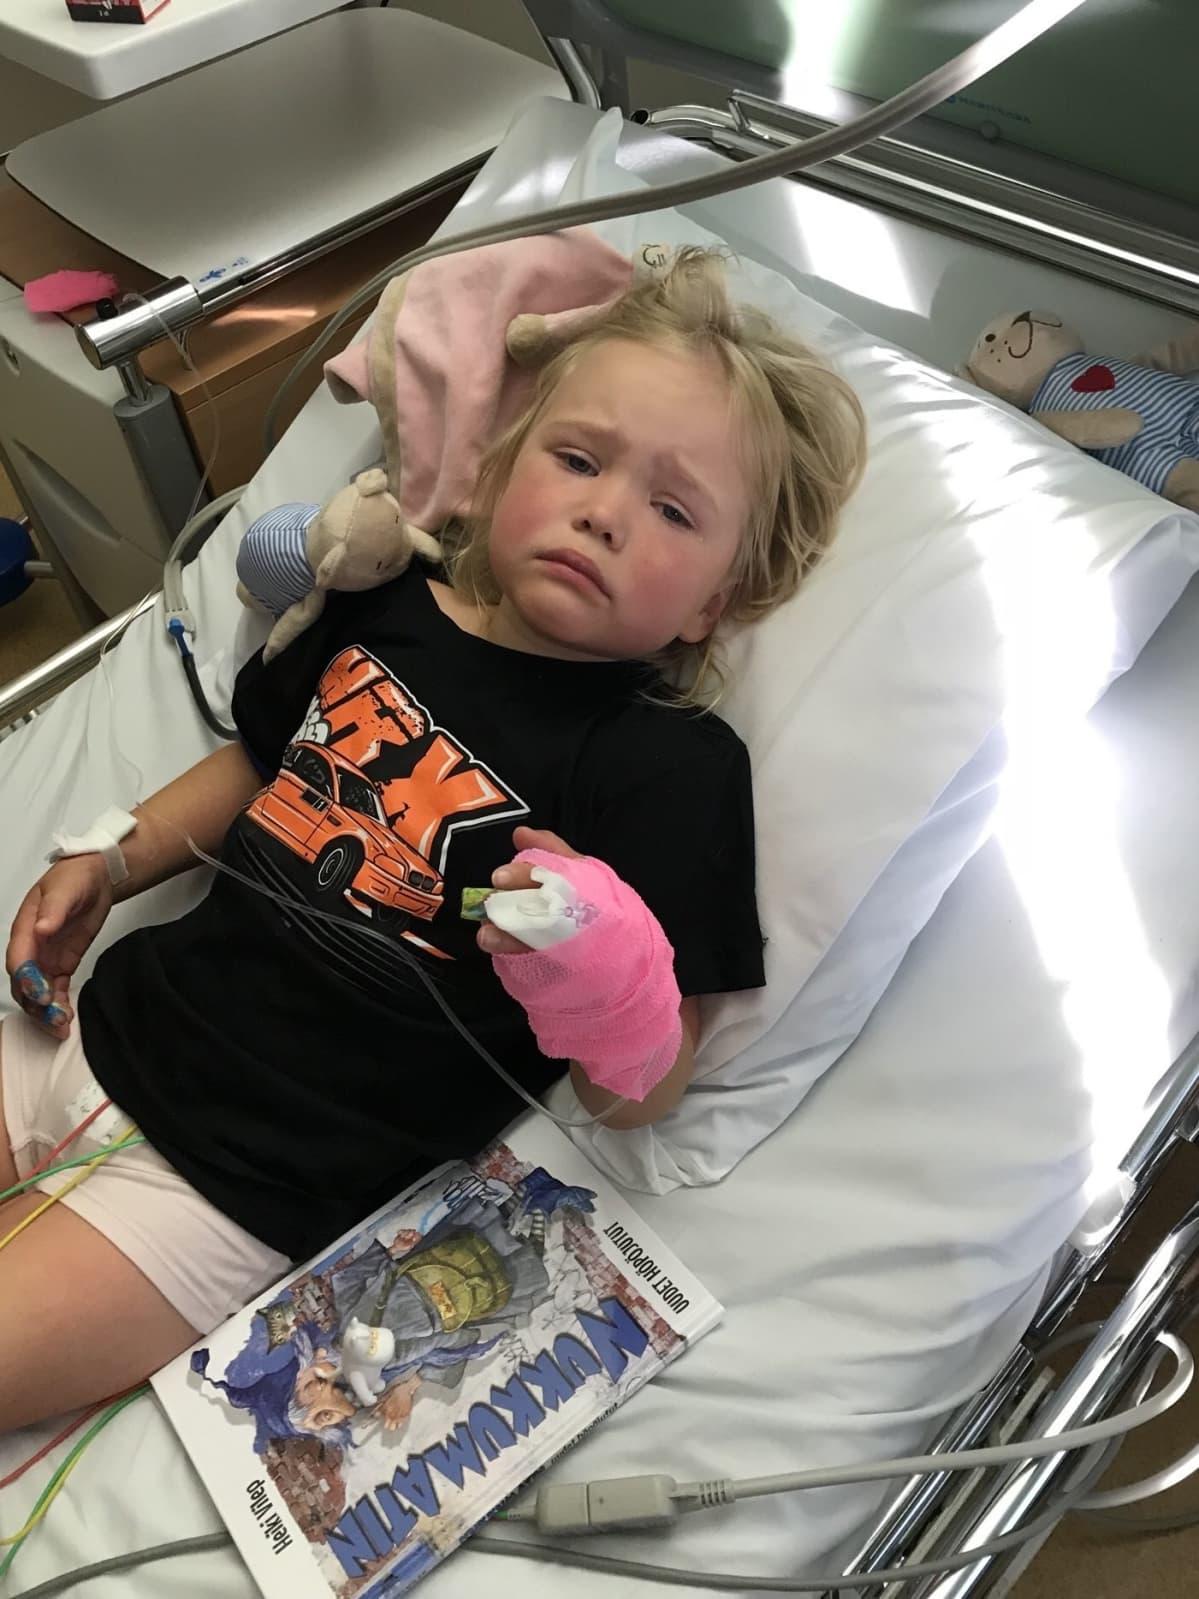 Lapsi makaa sairaalasängyssä ja on kiinni monitoreissa.